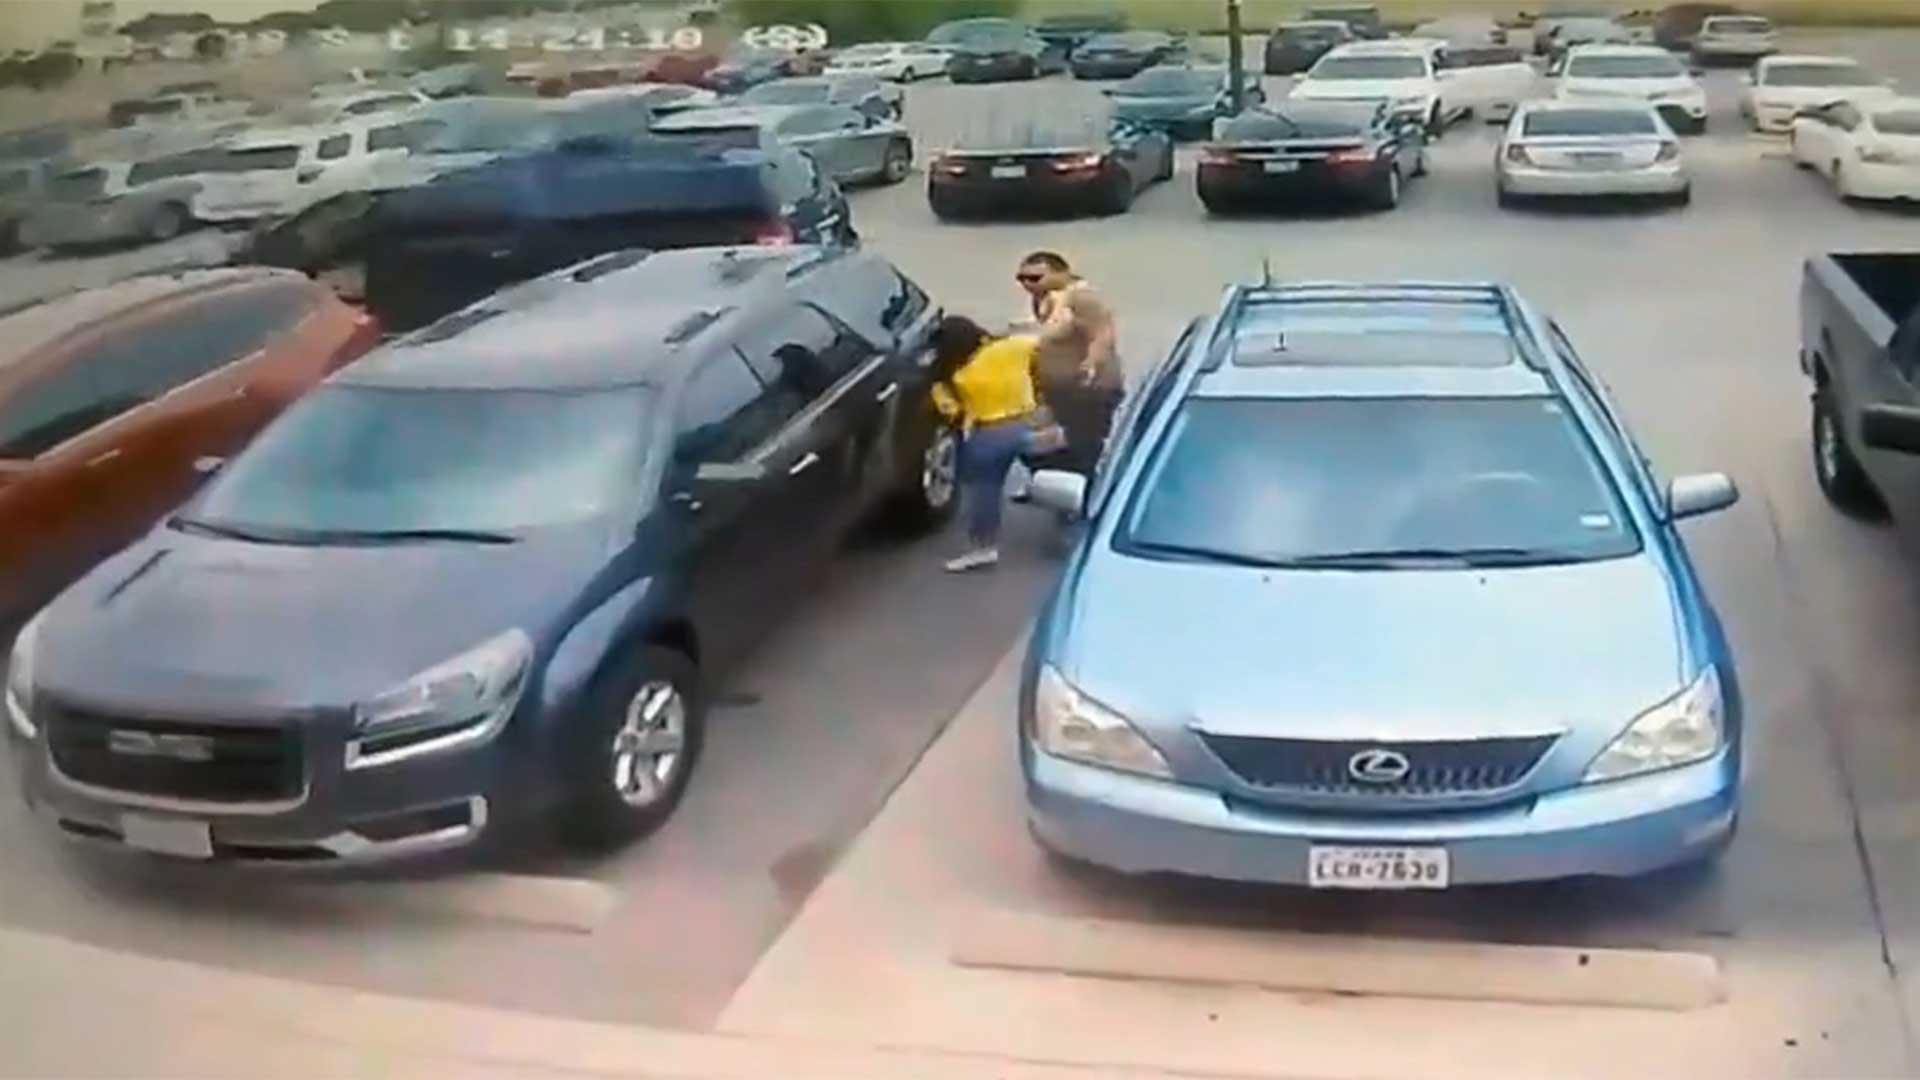 Al verlo, la joven fue a buscarlo y lo golpeó